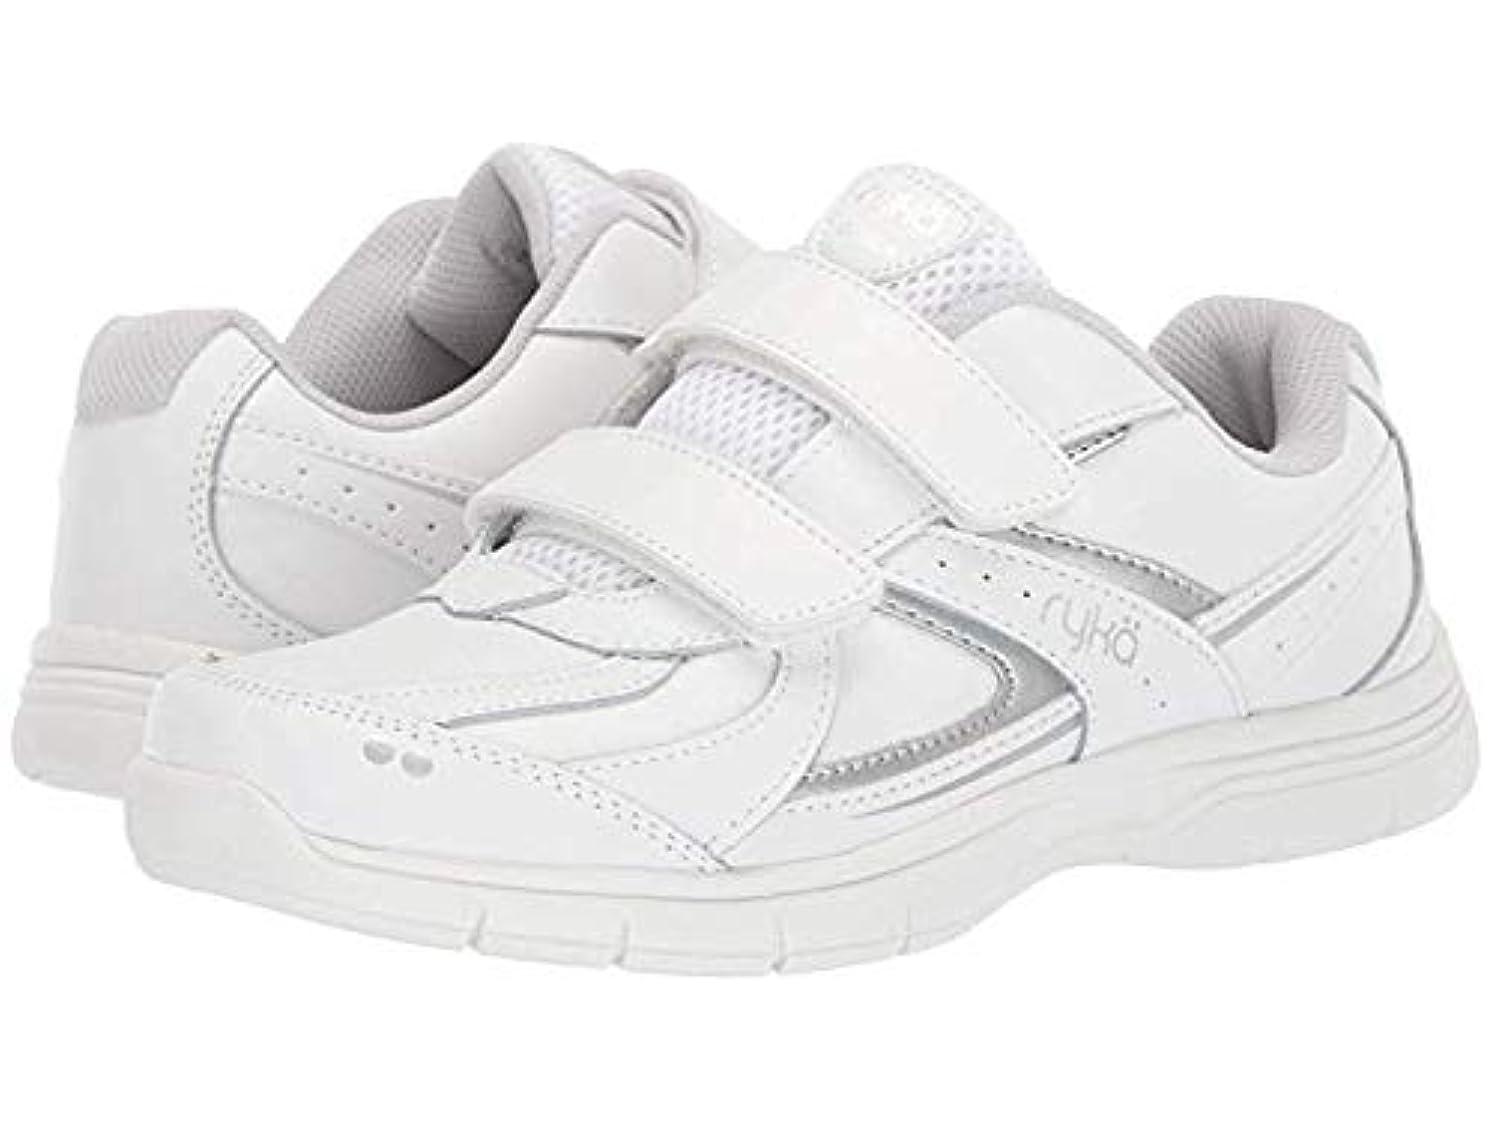 地理流用する頑固な[RYKA(ライカ)] レディーススニーカー?靴?シューズ Danica White B - Medium [並行輸入品]